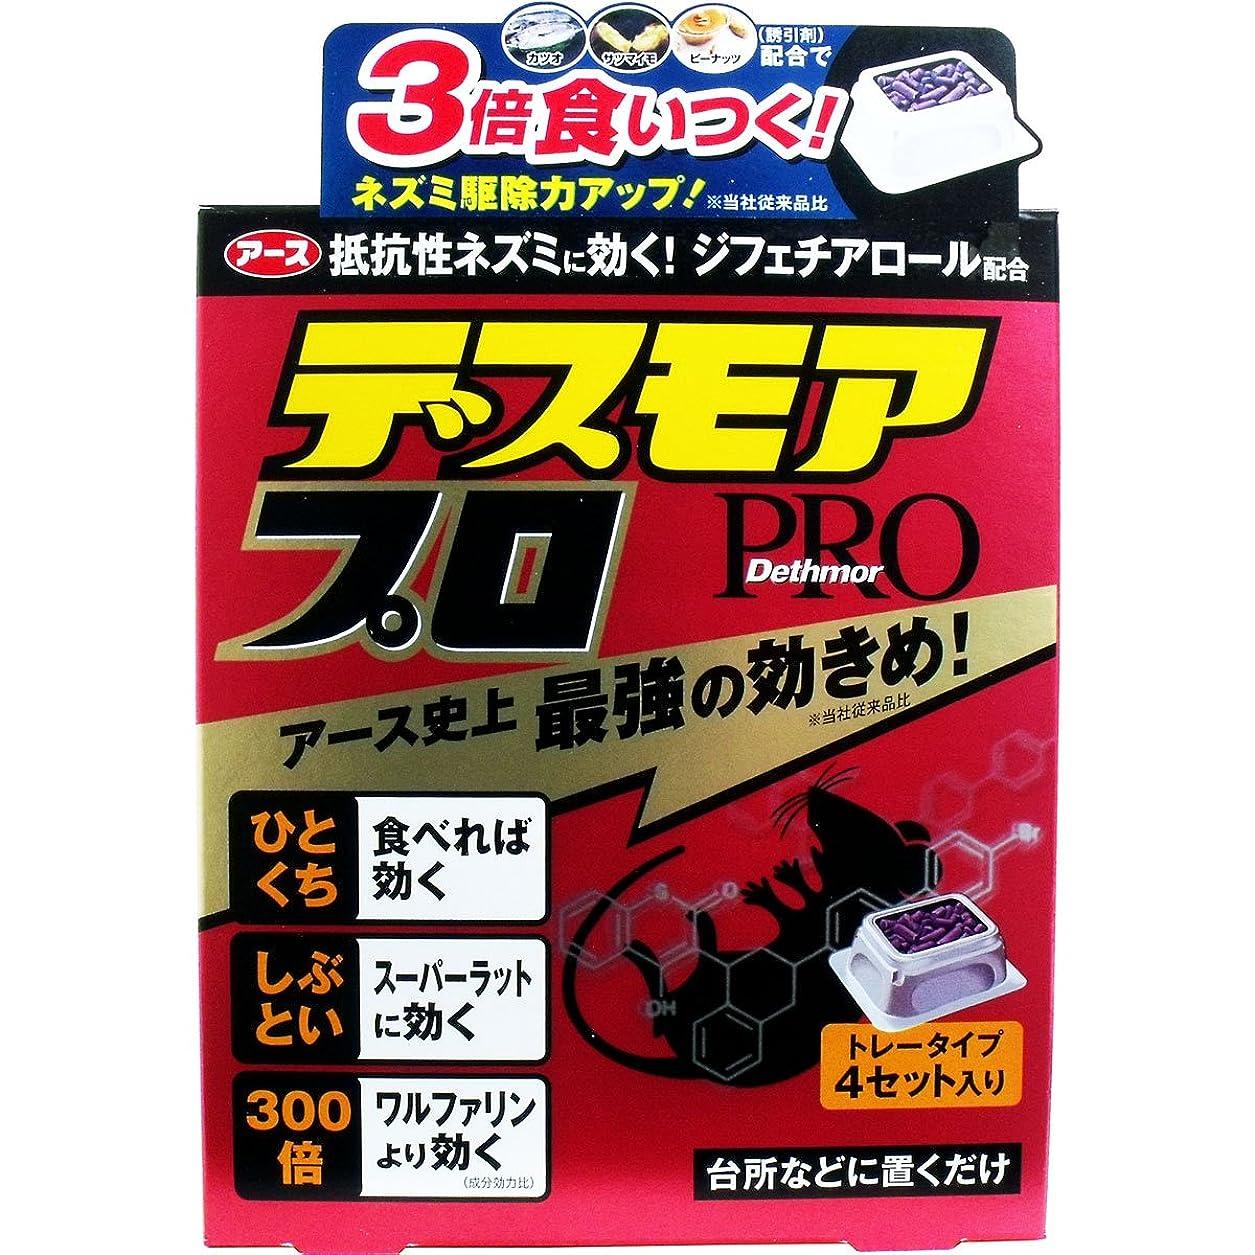 器官封筒ベアリングサークルデスモアプロ トレータイプ 4セット入り